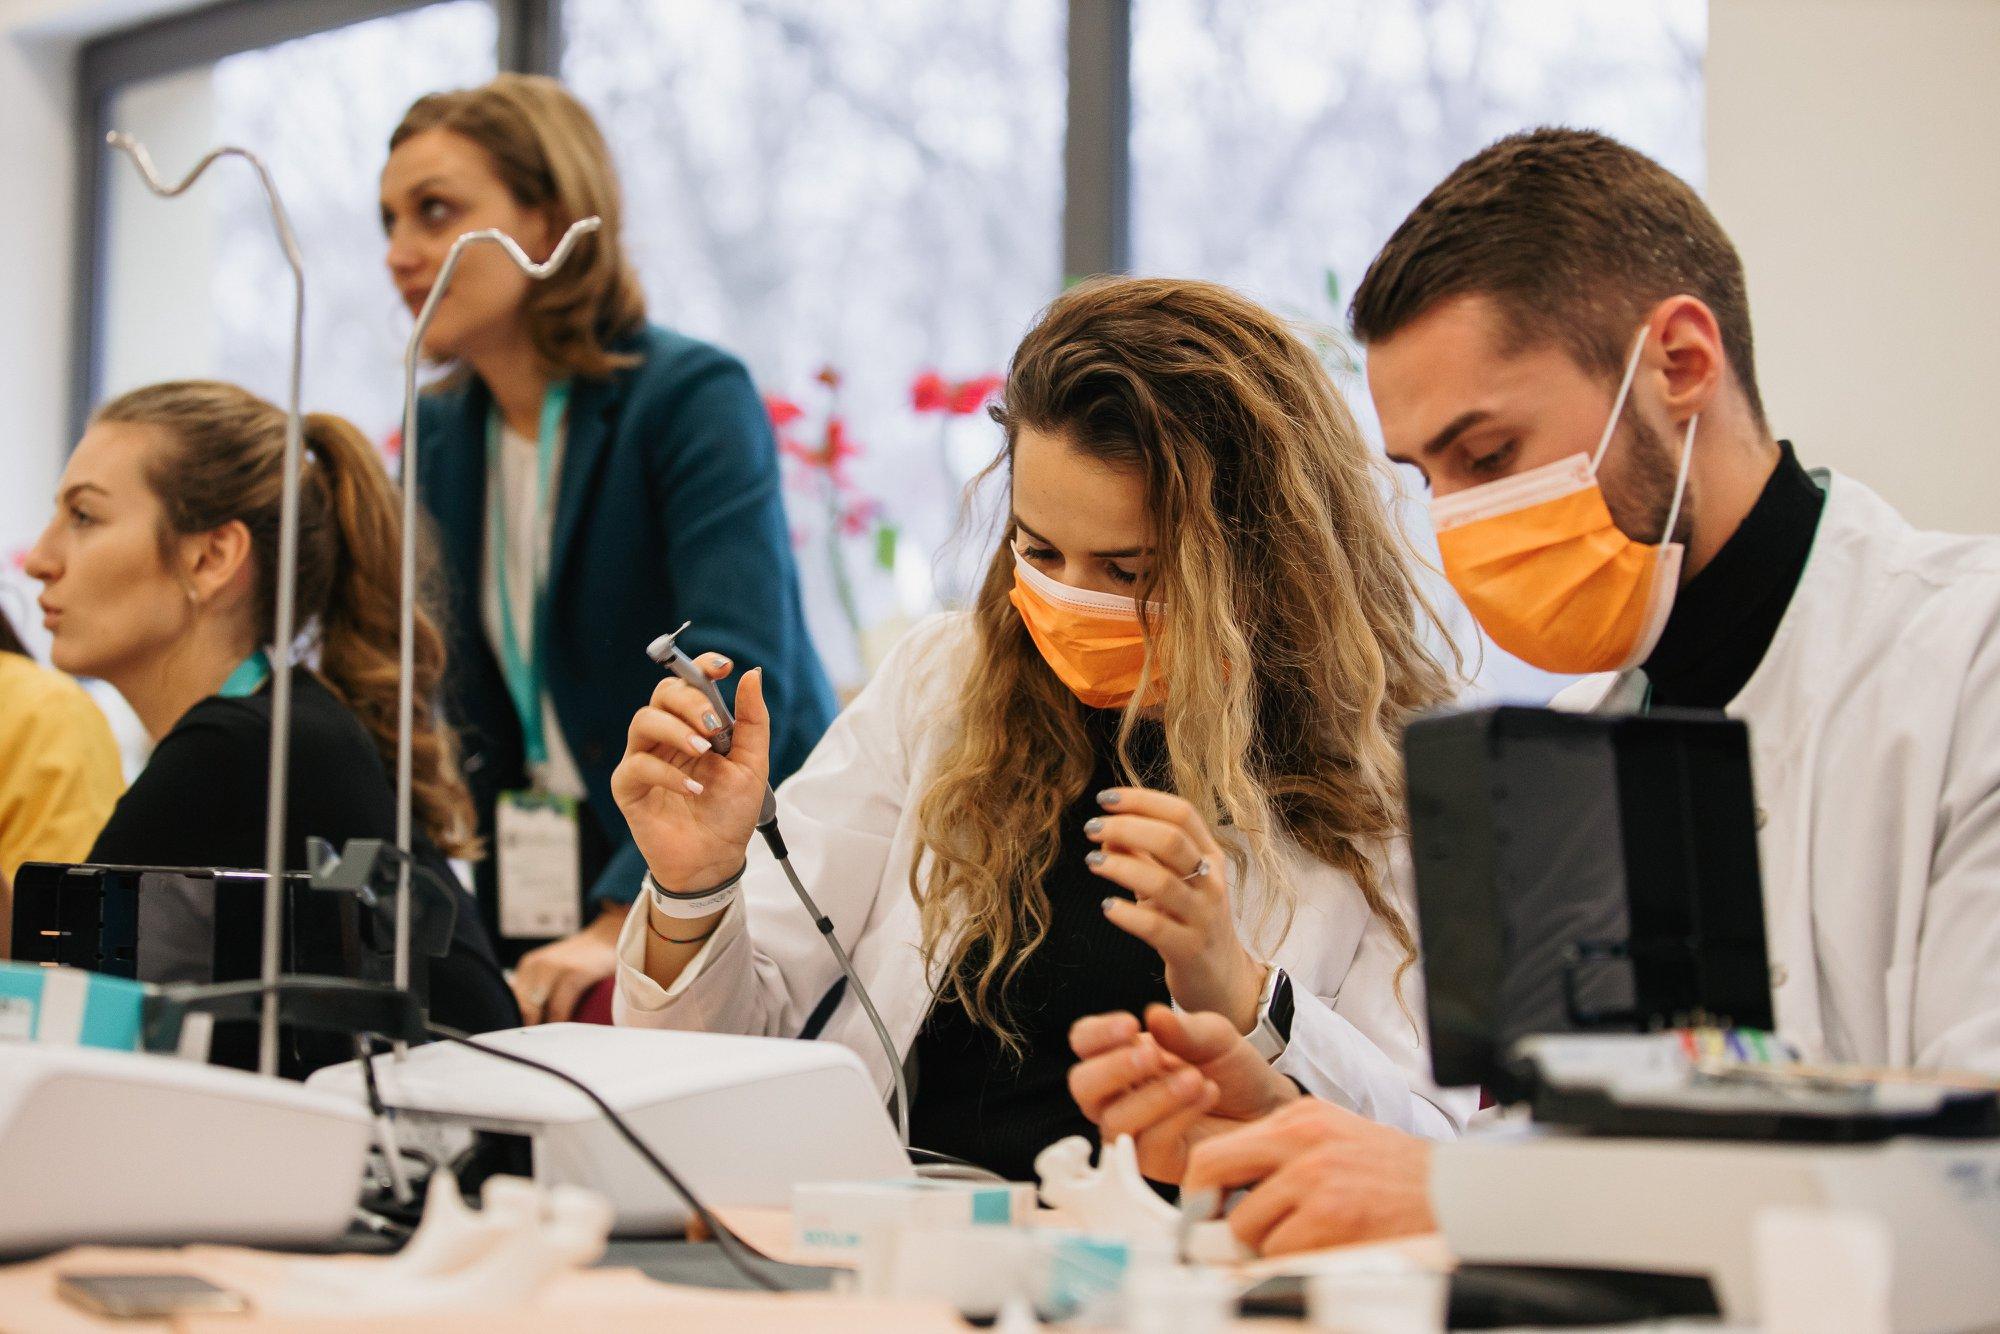 """Luni încep cursurile online la Universitatea de Medicină, Farmacie, Ştiinţe şi Tehnologie """"George Emil Palade"""" din Târgu Mureş"""